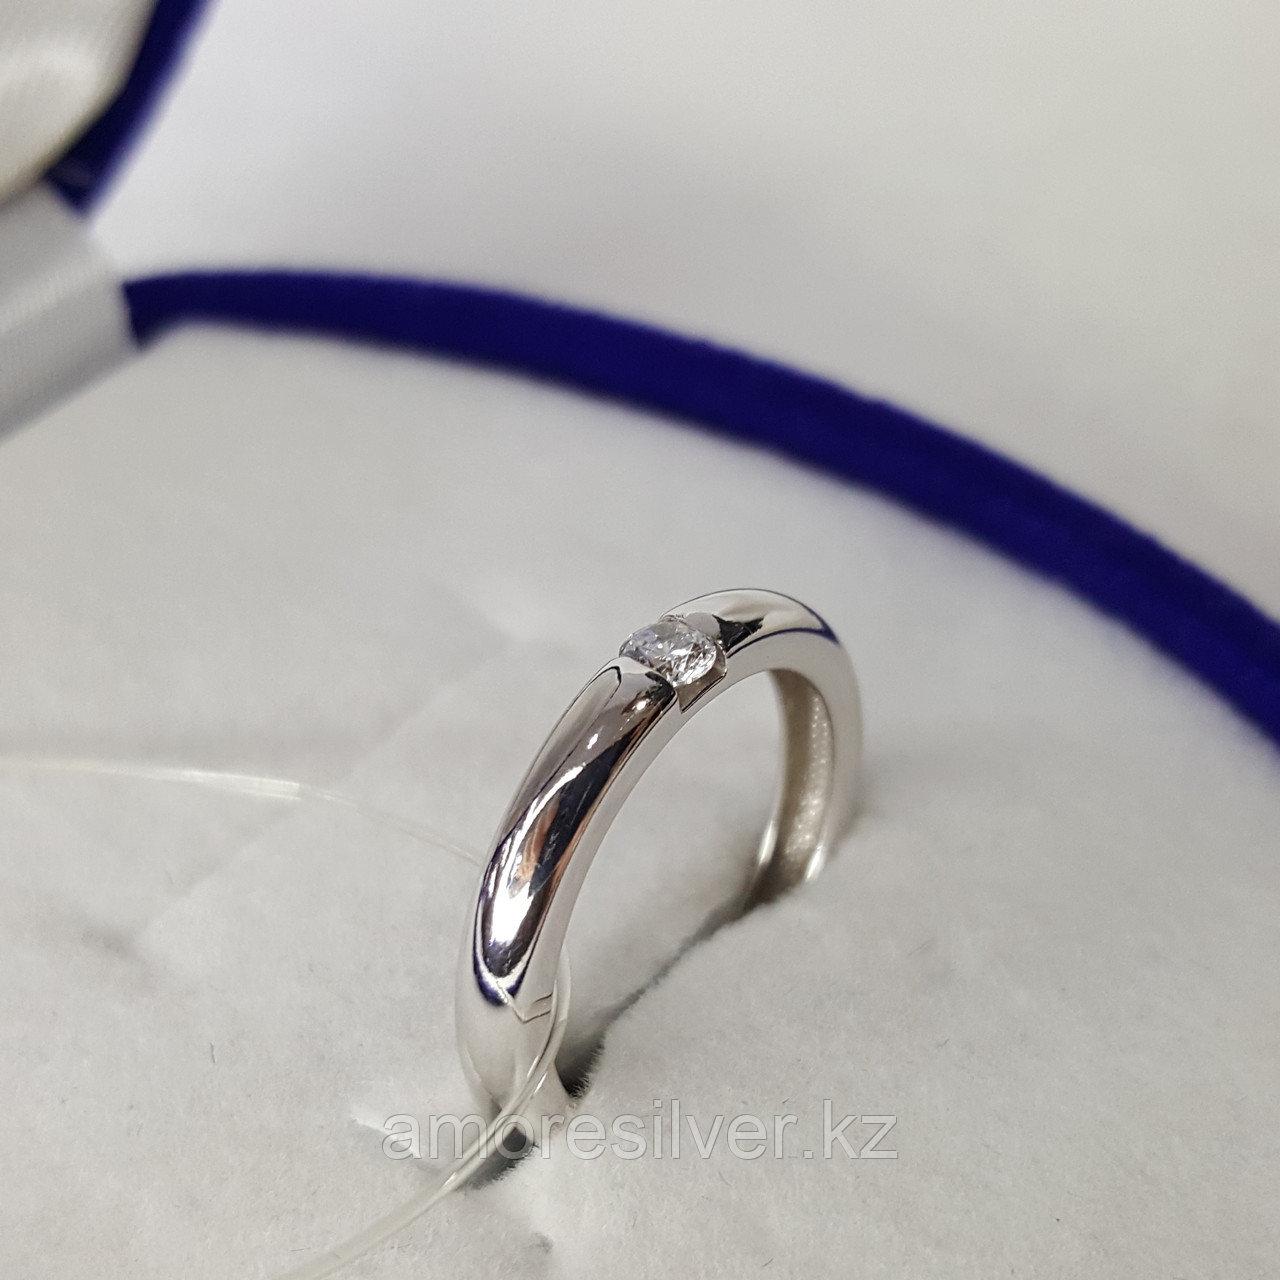 Кольцо SOKOLOV серебро с родием, фианит 94011254 размеры - 15 15,5 16 16,5 17 17,5 - фото 7